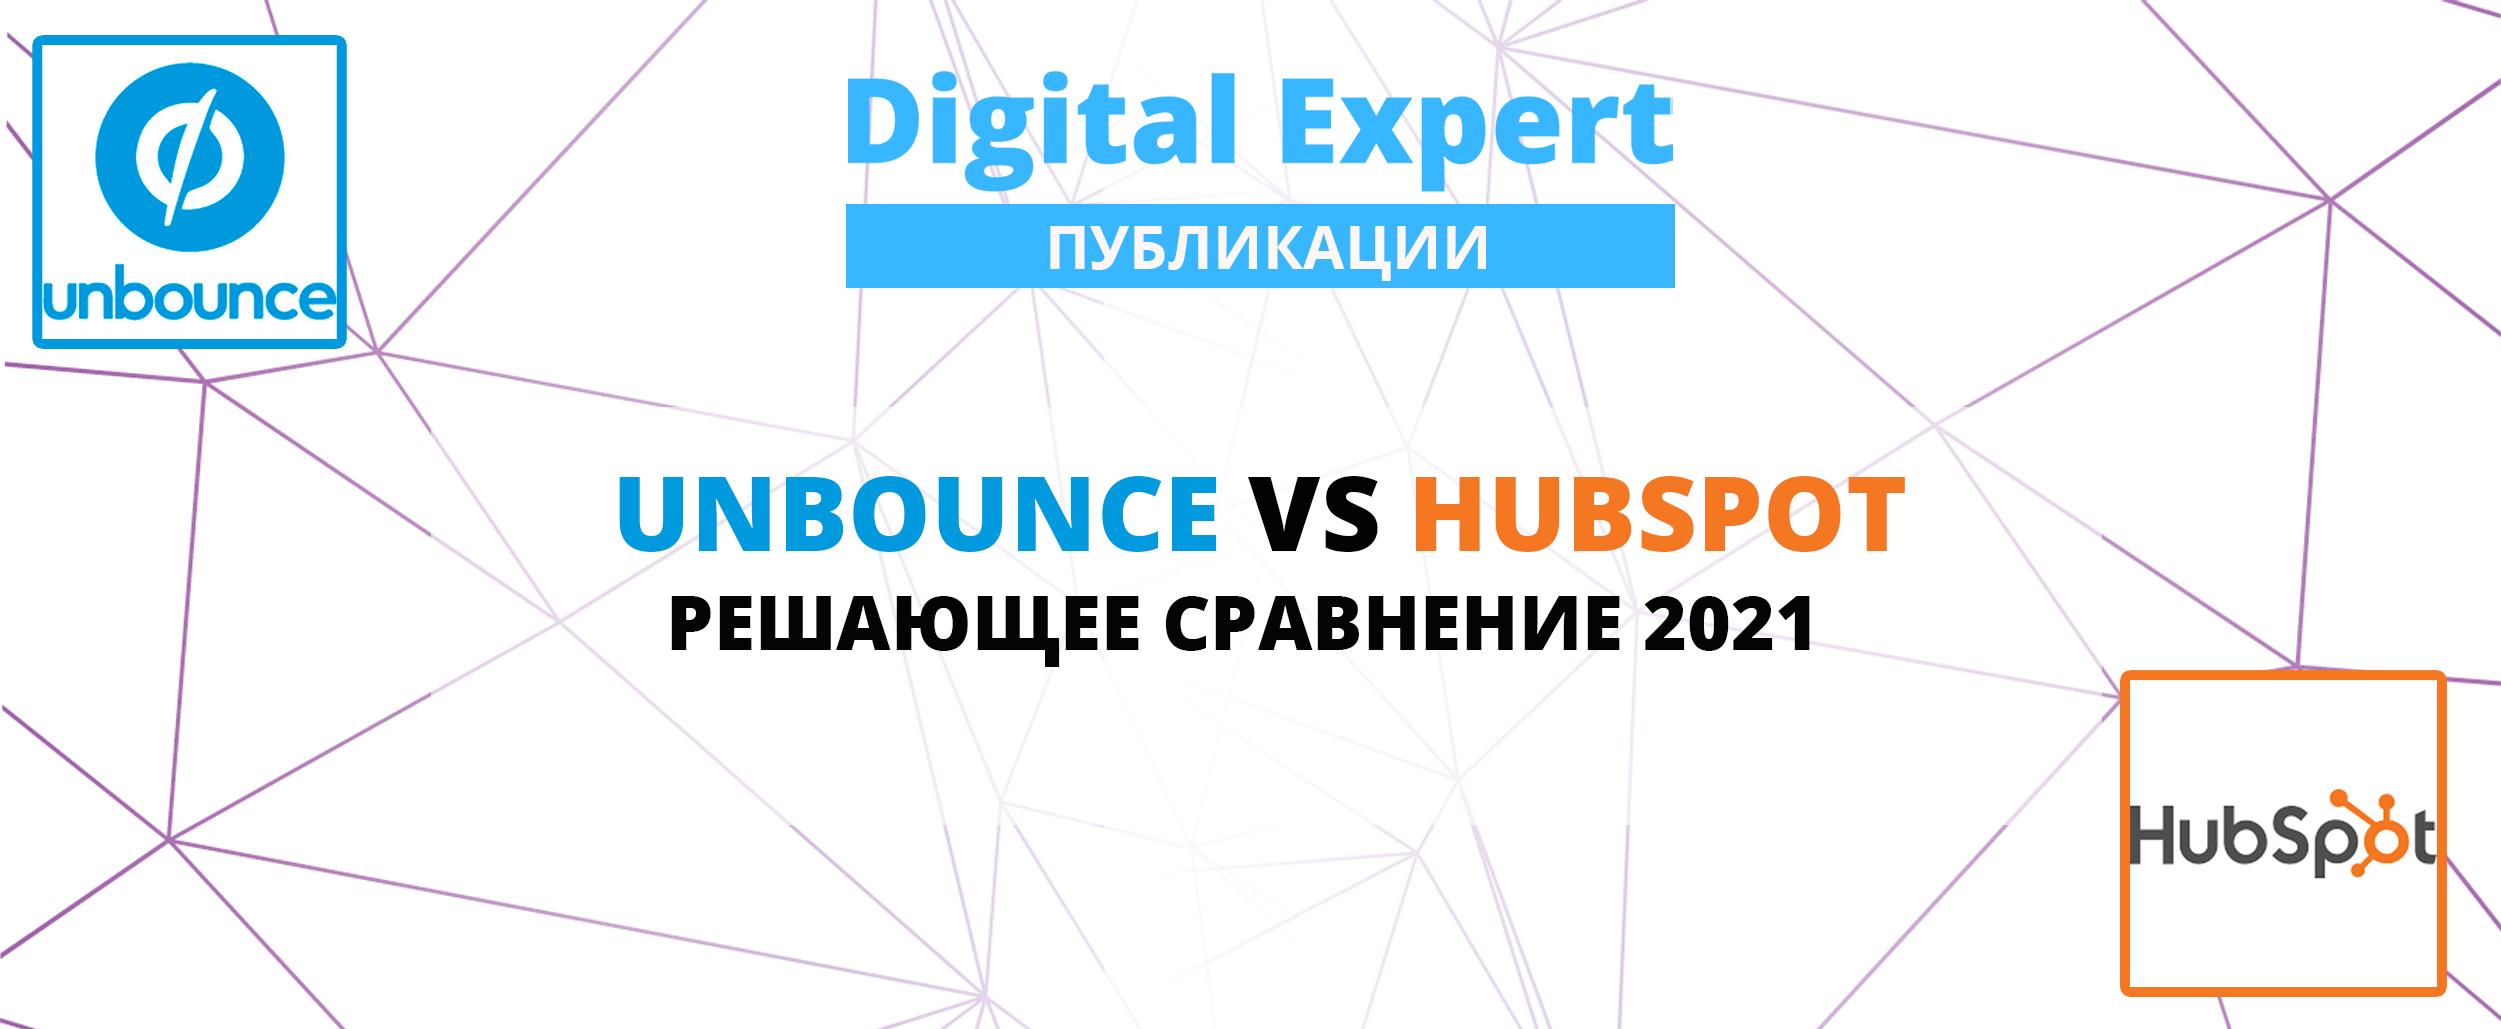 Unbounce vs HubSpot. Решающее сравнение 2021